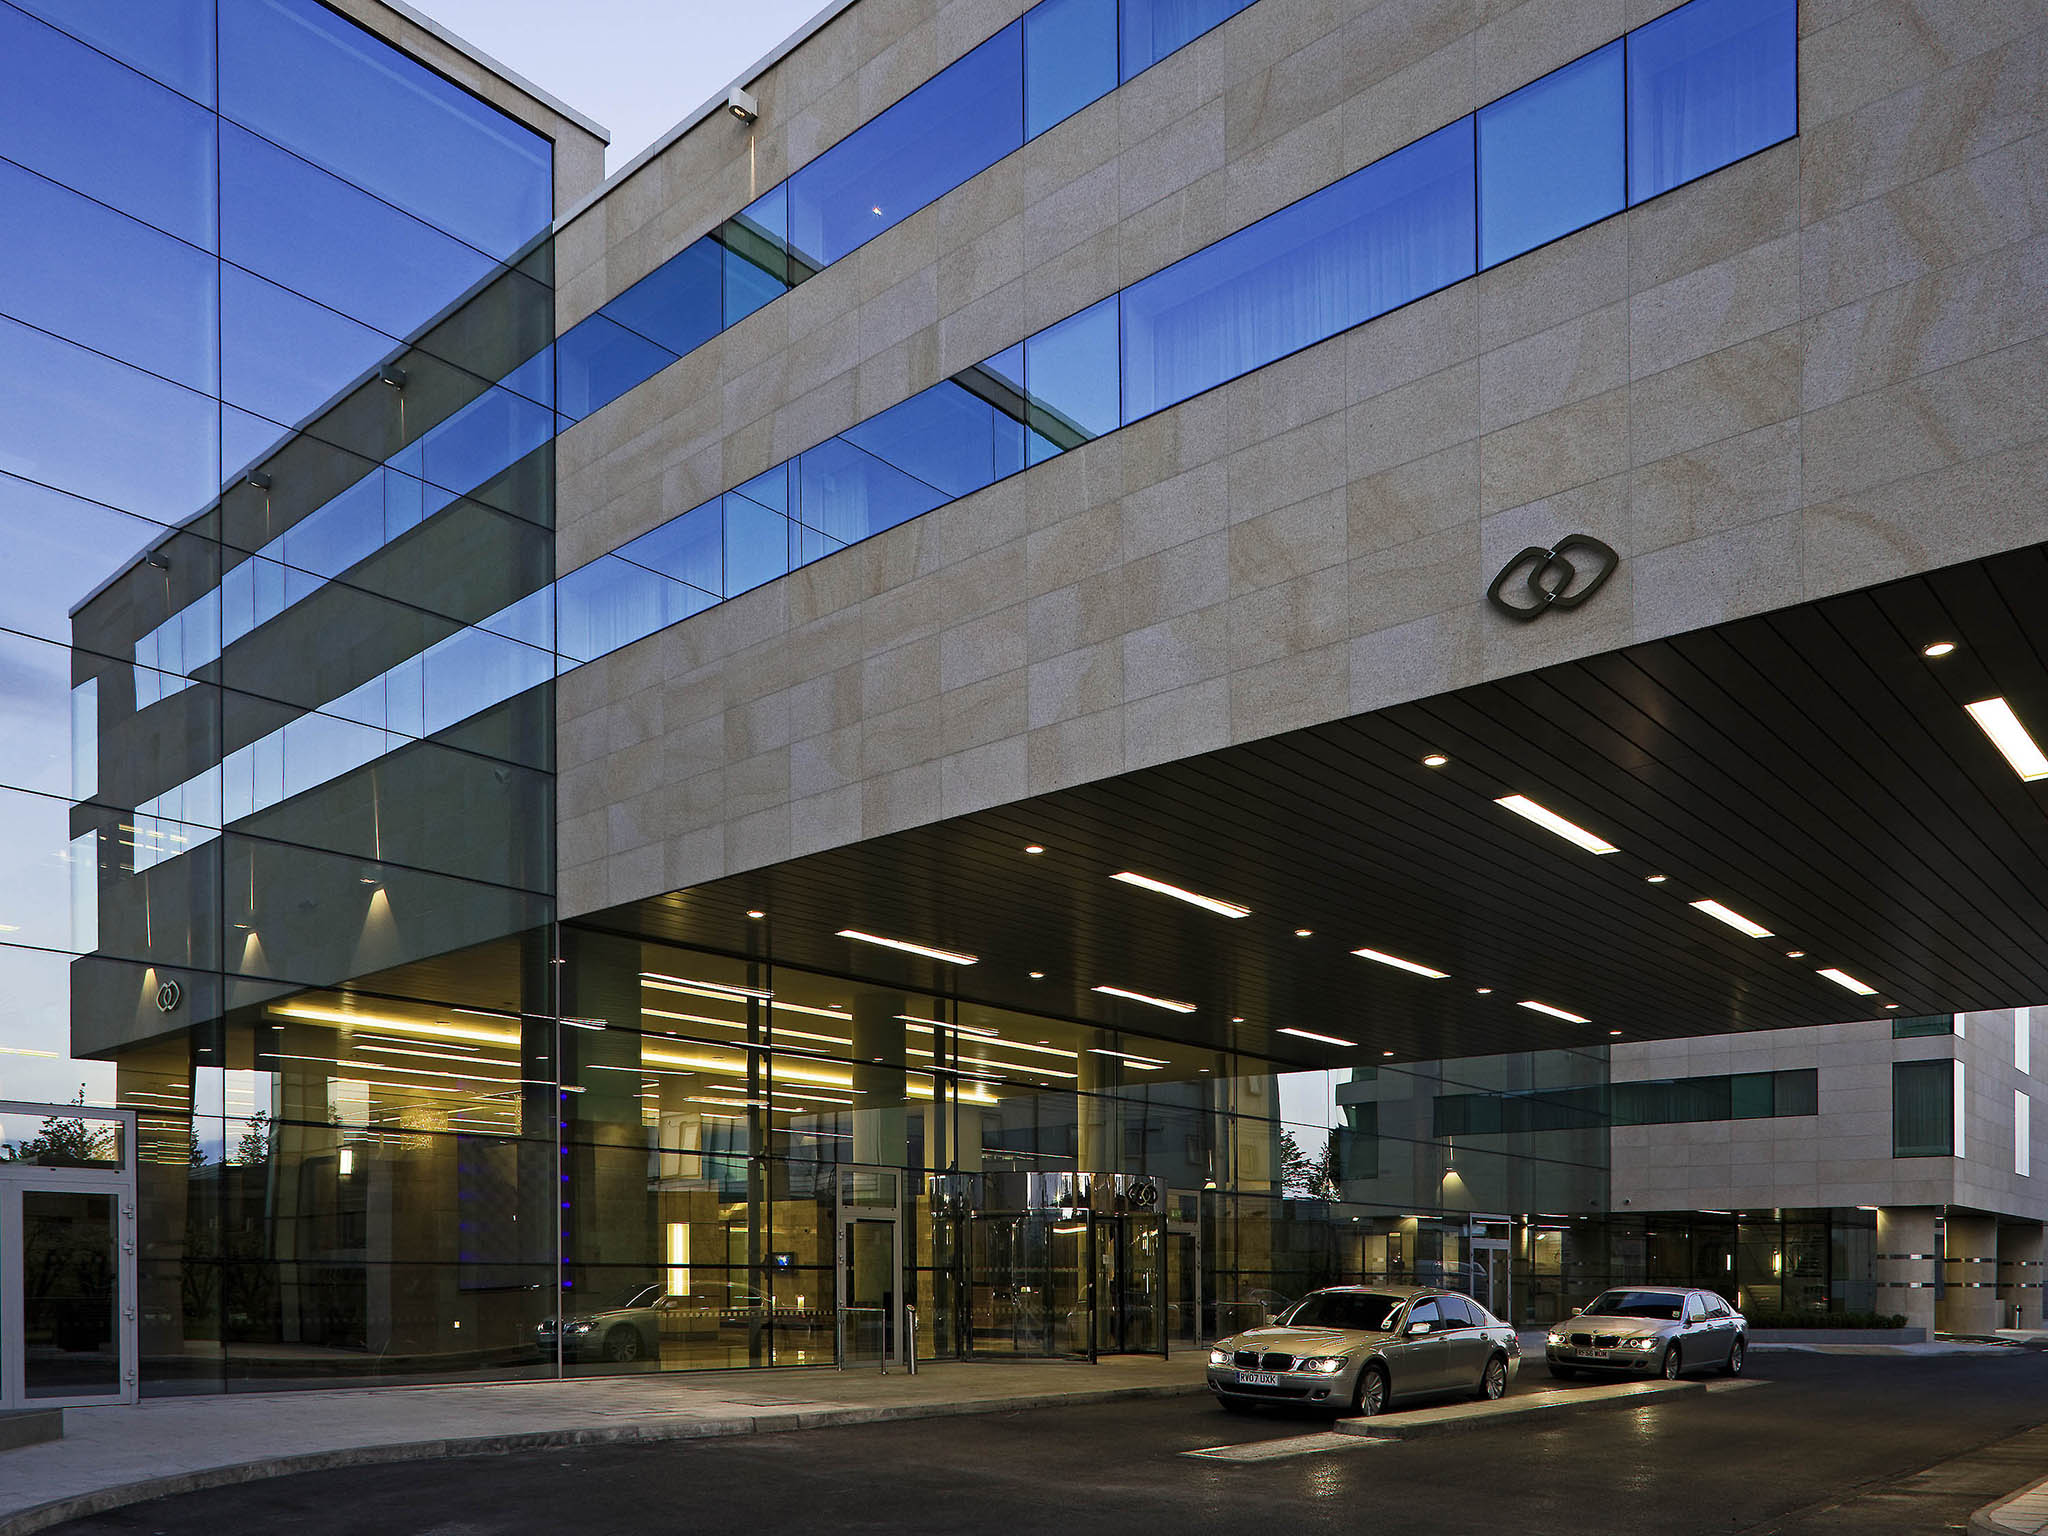 โรงแรม – โซฟิเทล ลอนดอน ฮีทโธรว์